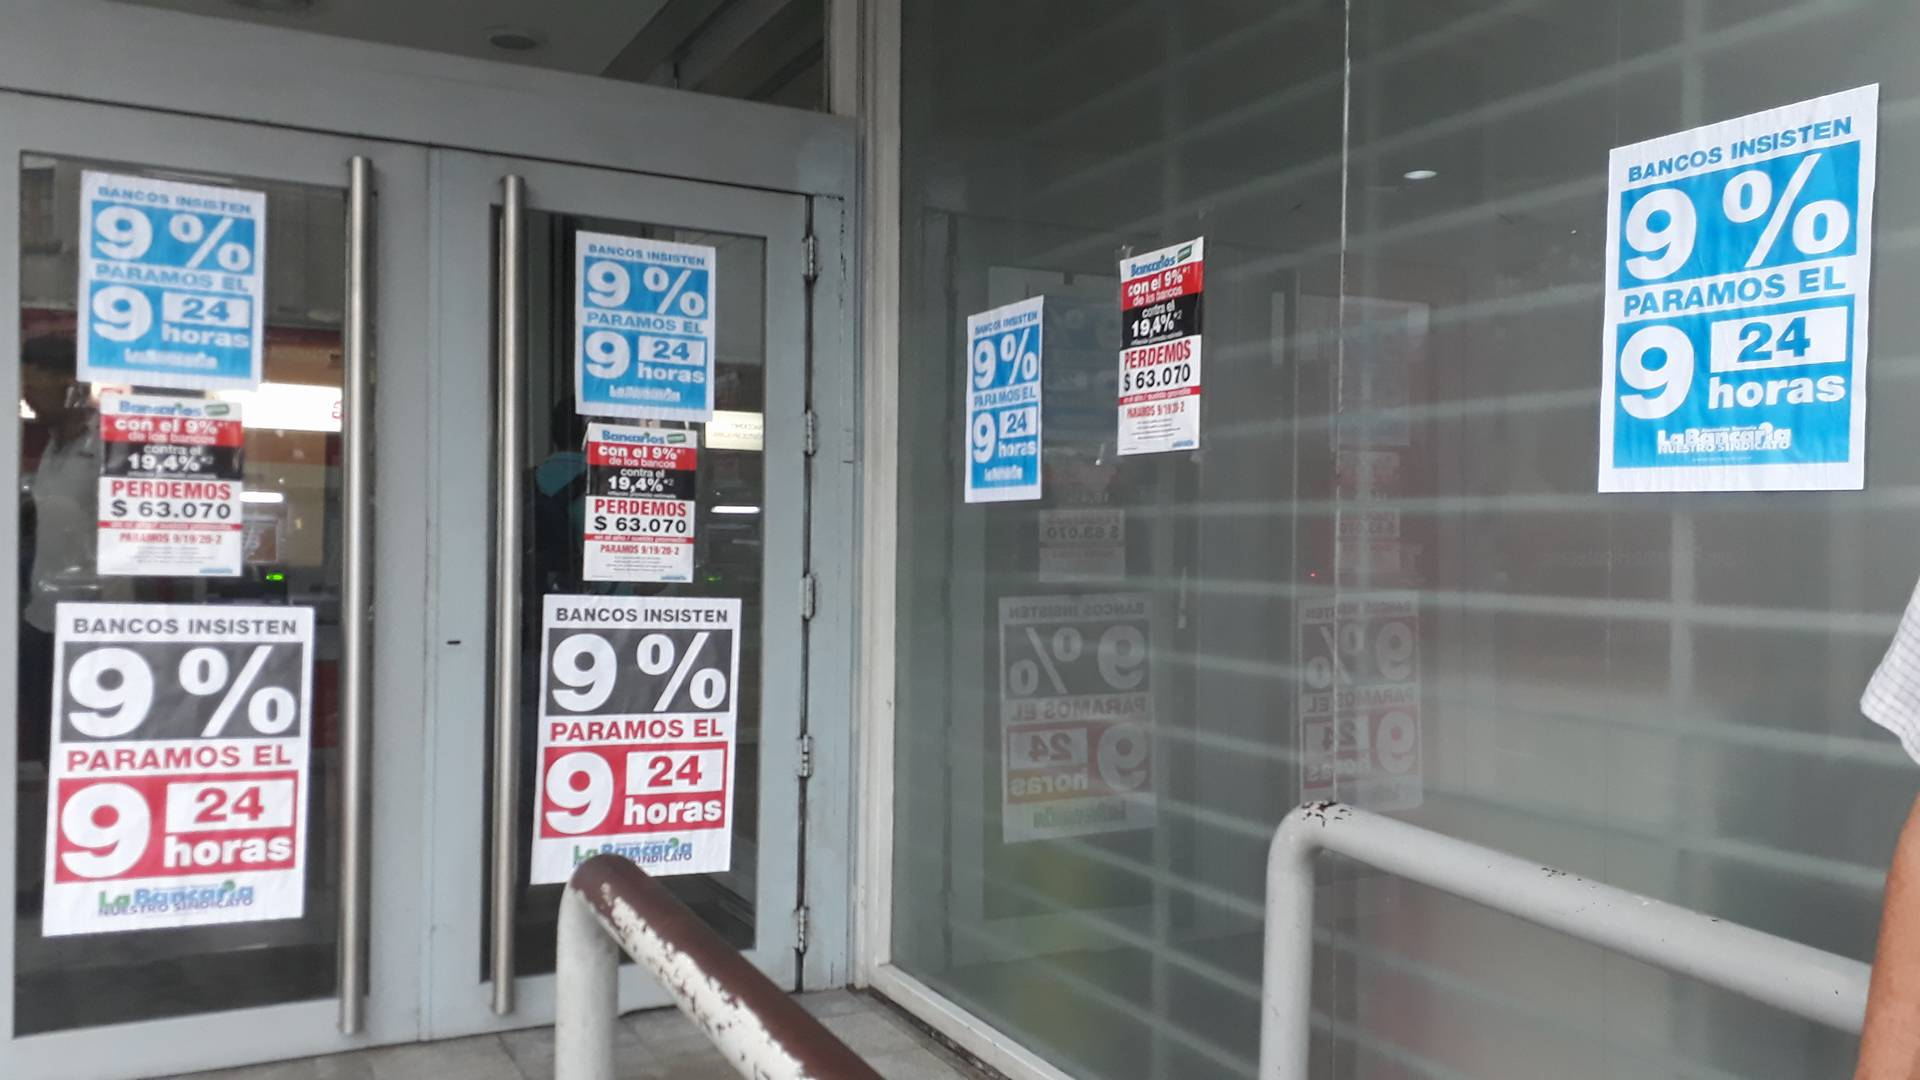 El paro de los bancarios fue contundente. FOTO:  Belén do Campo Pascuzzi para TV Mundus